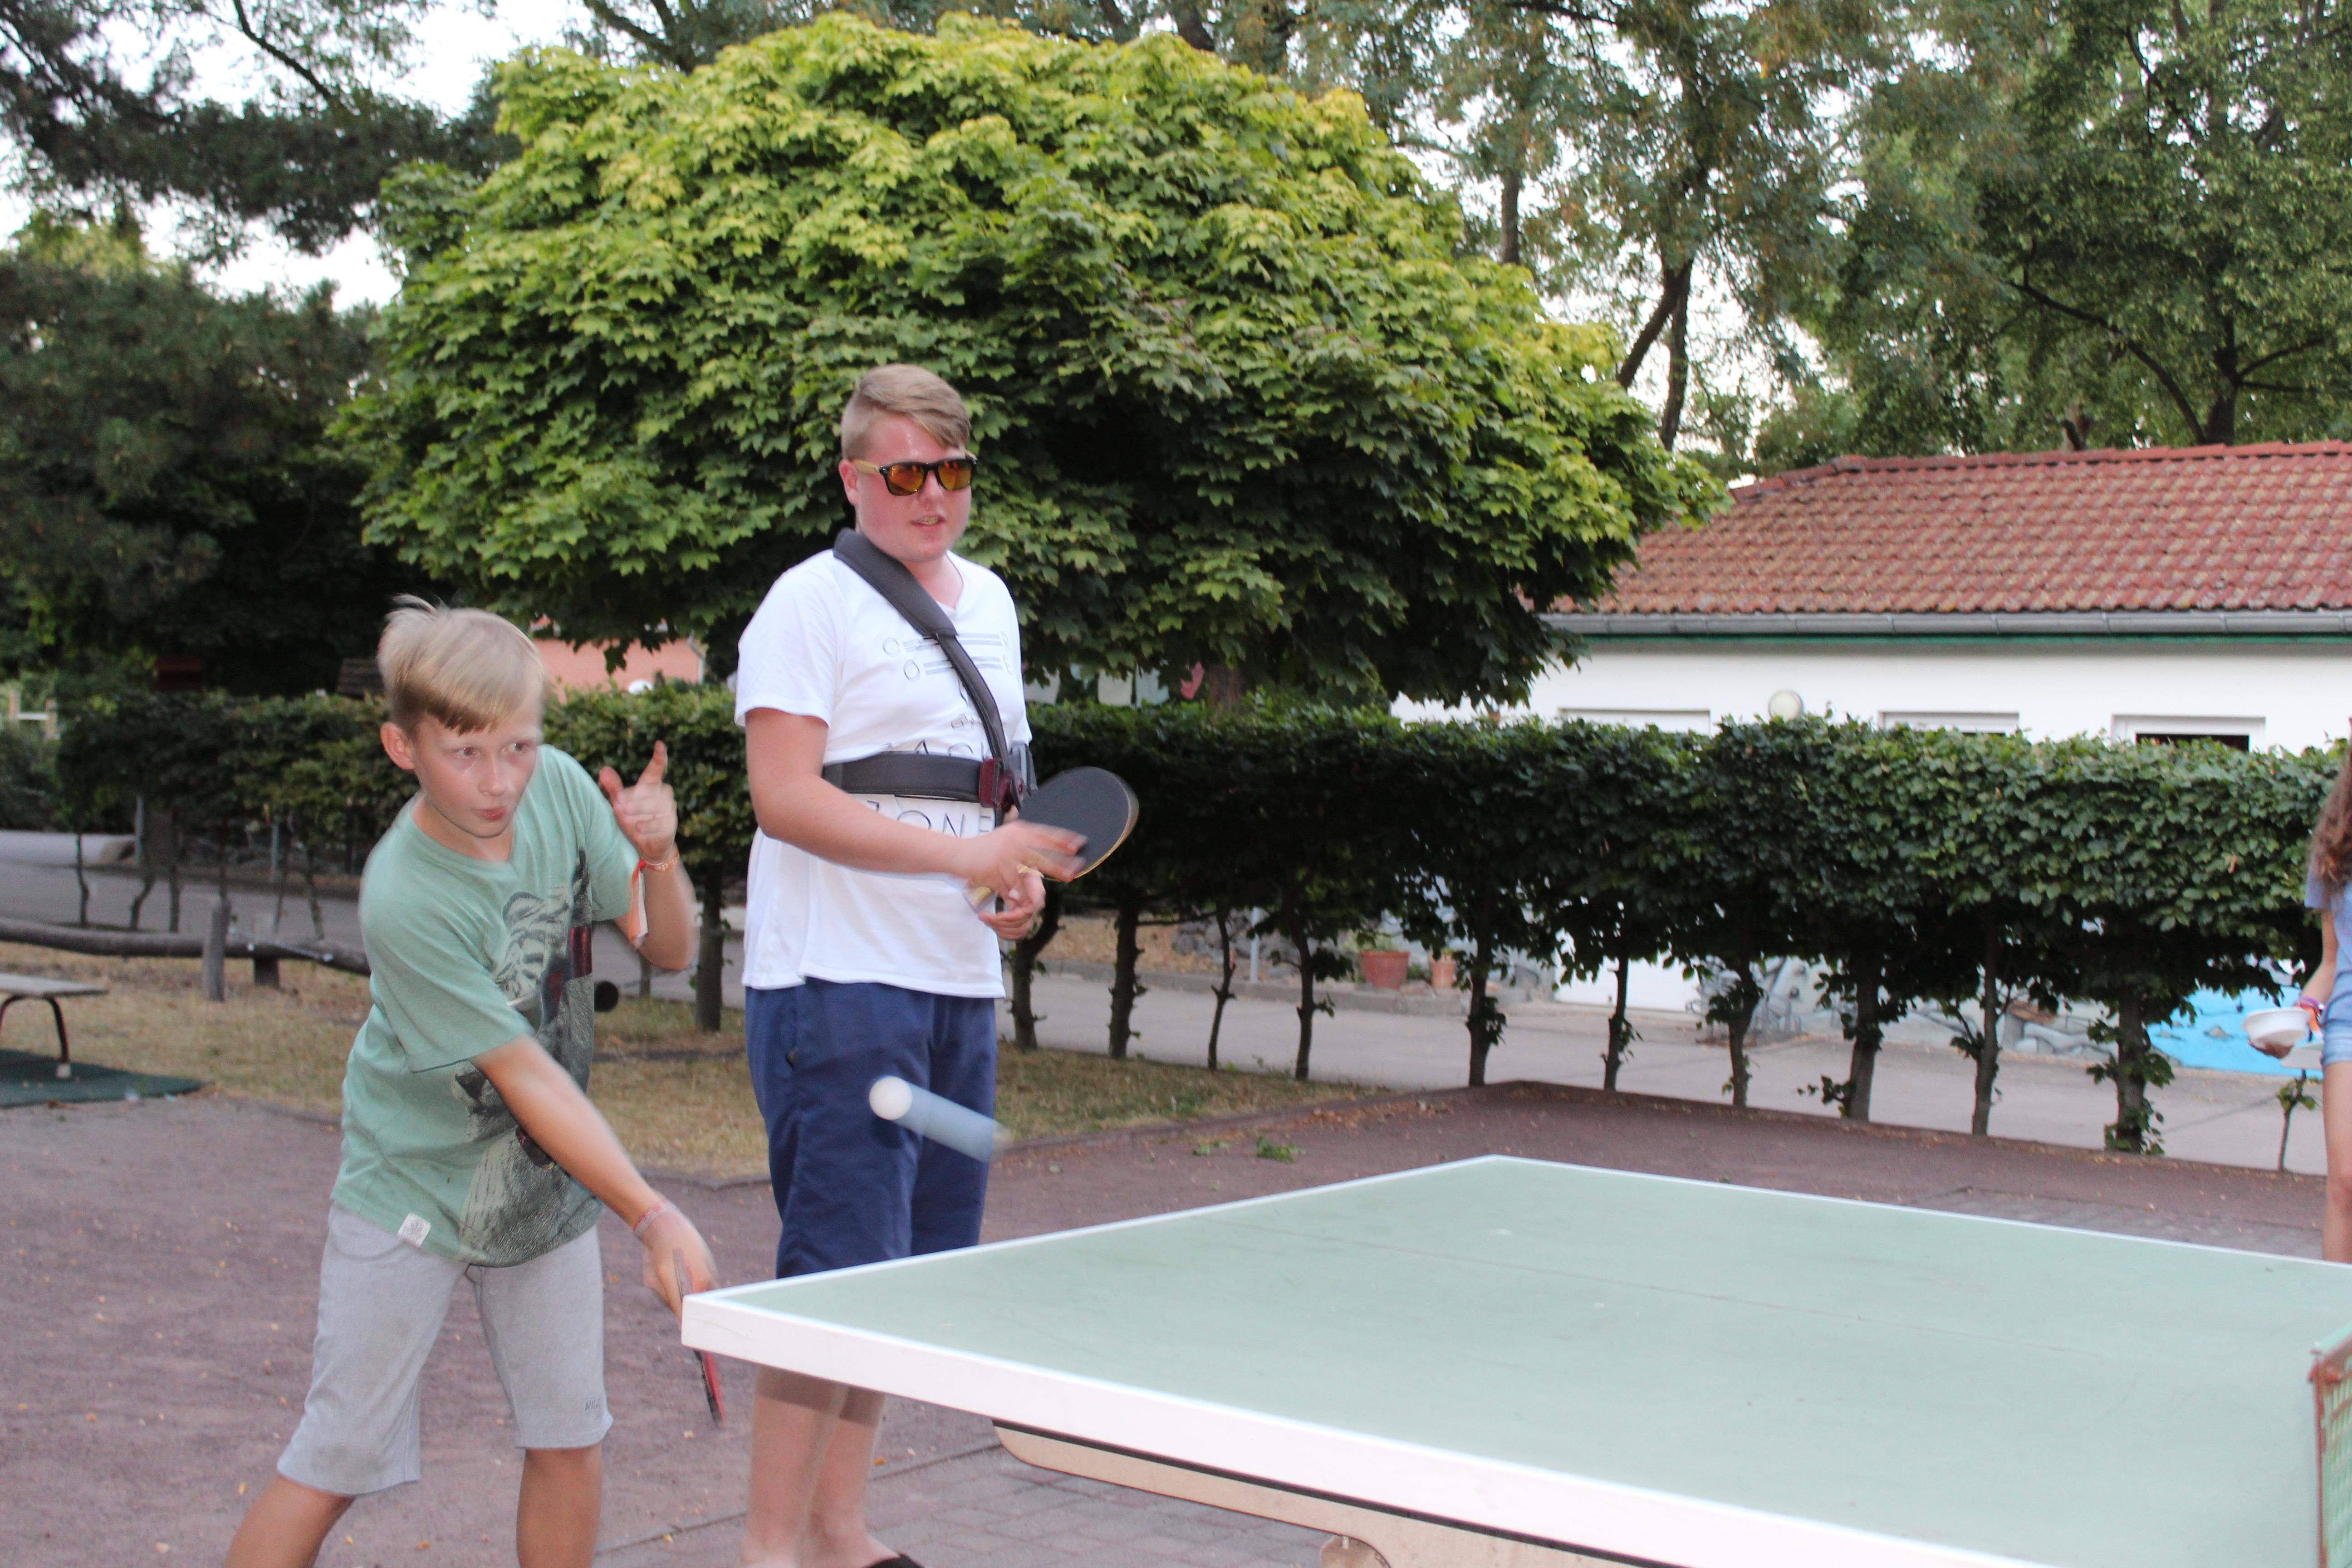 Tischtennis spielen muss auch mal sein ...